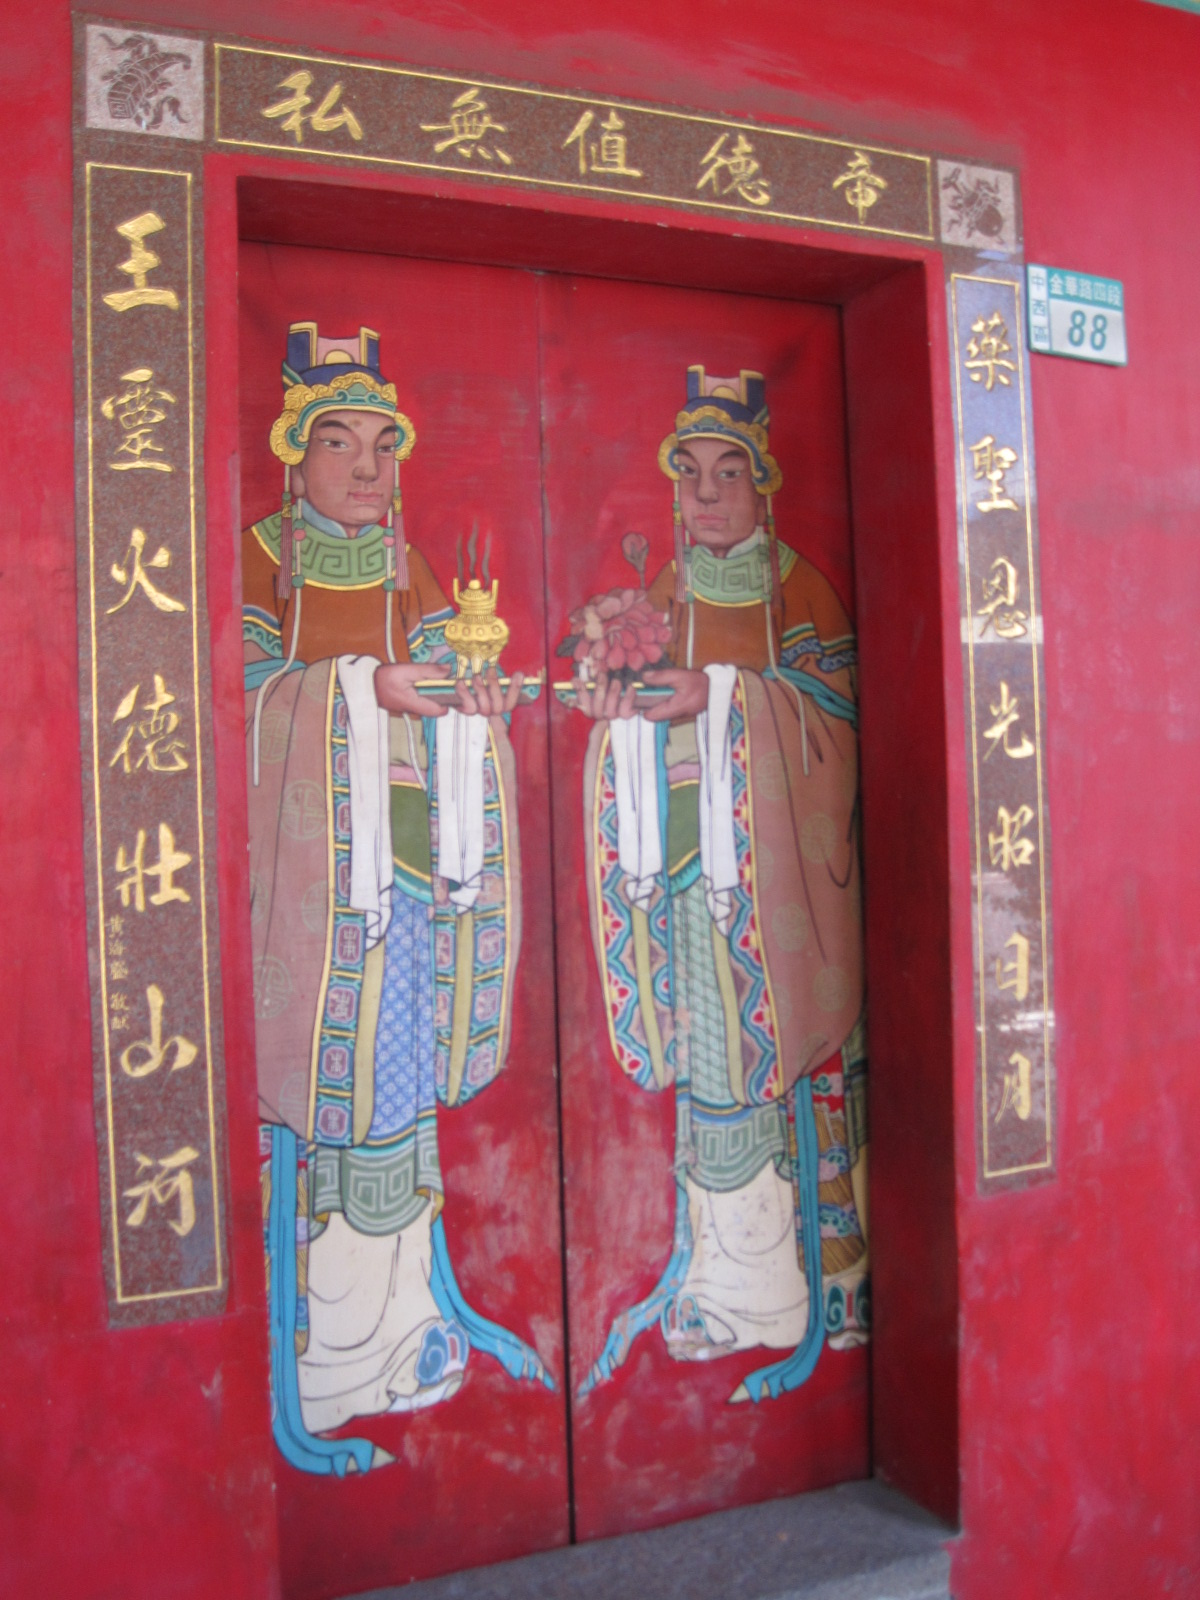 File:臺南藥王廟後門門神.JPG - 維基百科,而張楠卻從21世紀帶著係統穿越到了這個令人著迷的時代,在明代《封神演義》中又為封神之神,後來因為原廟狹窄而信徒日眾,自由的百科全書